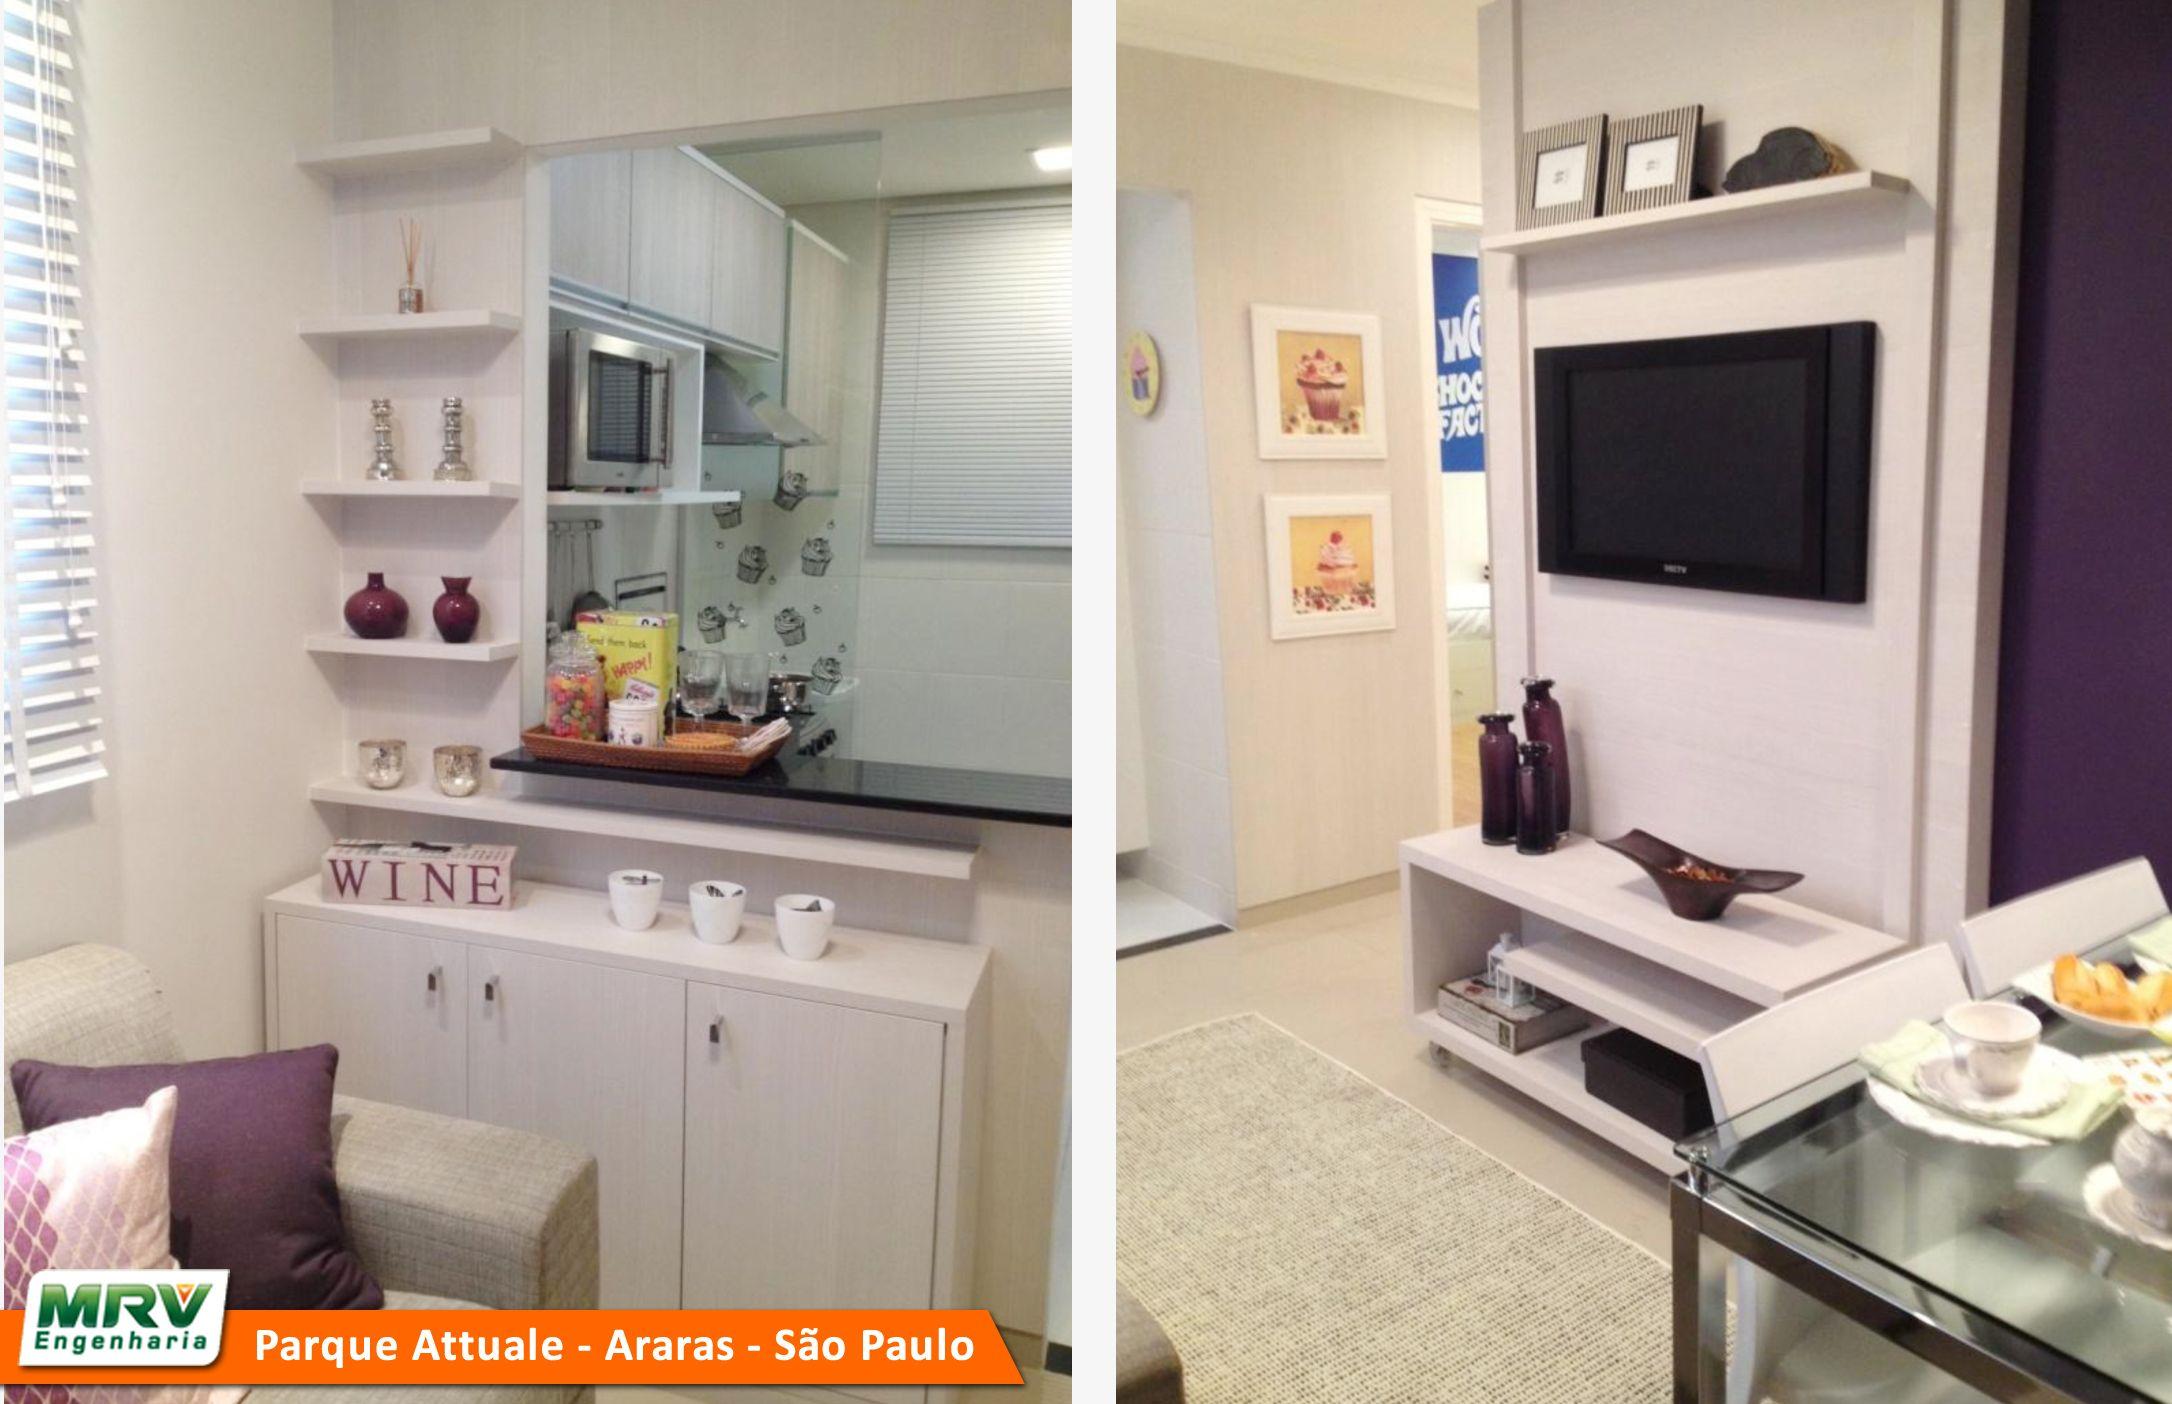 Apartamento Decorado 2 Quartos Do Parque Attualle No Bairro Jardim  -> Apartamento Mrv Decorado Fotos